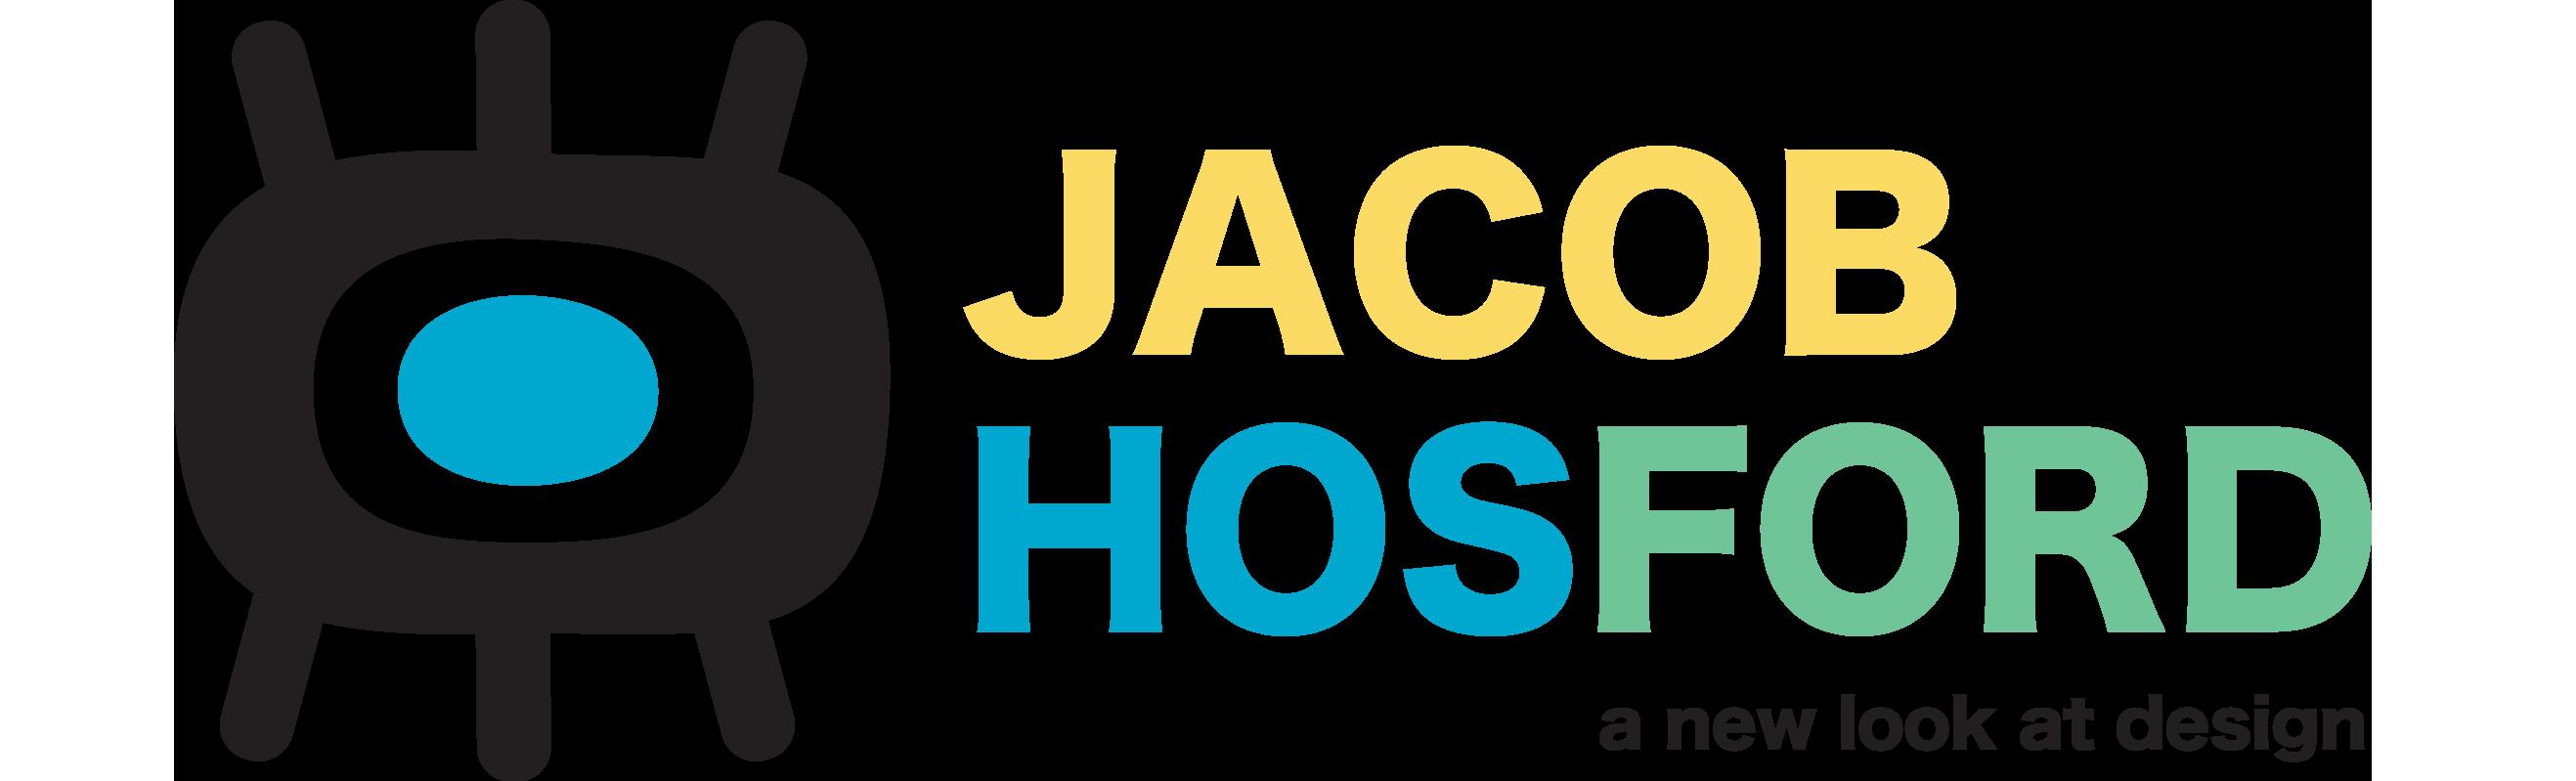 Jacob Hosford